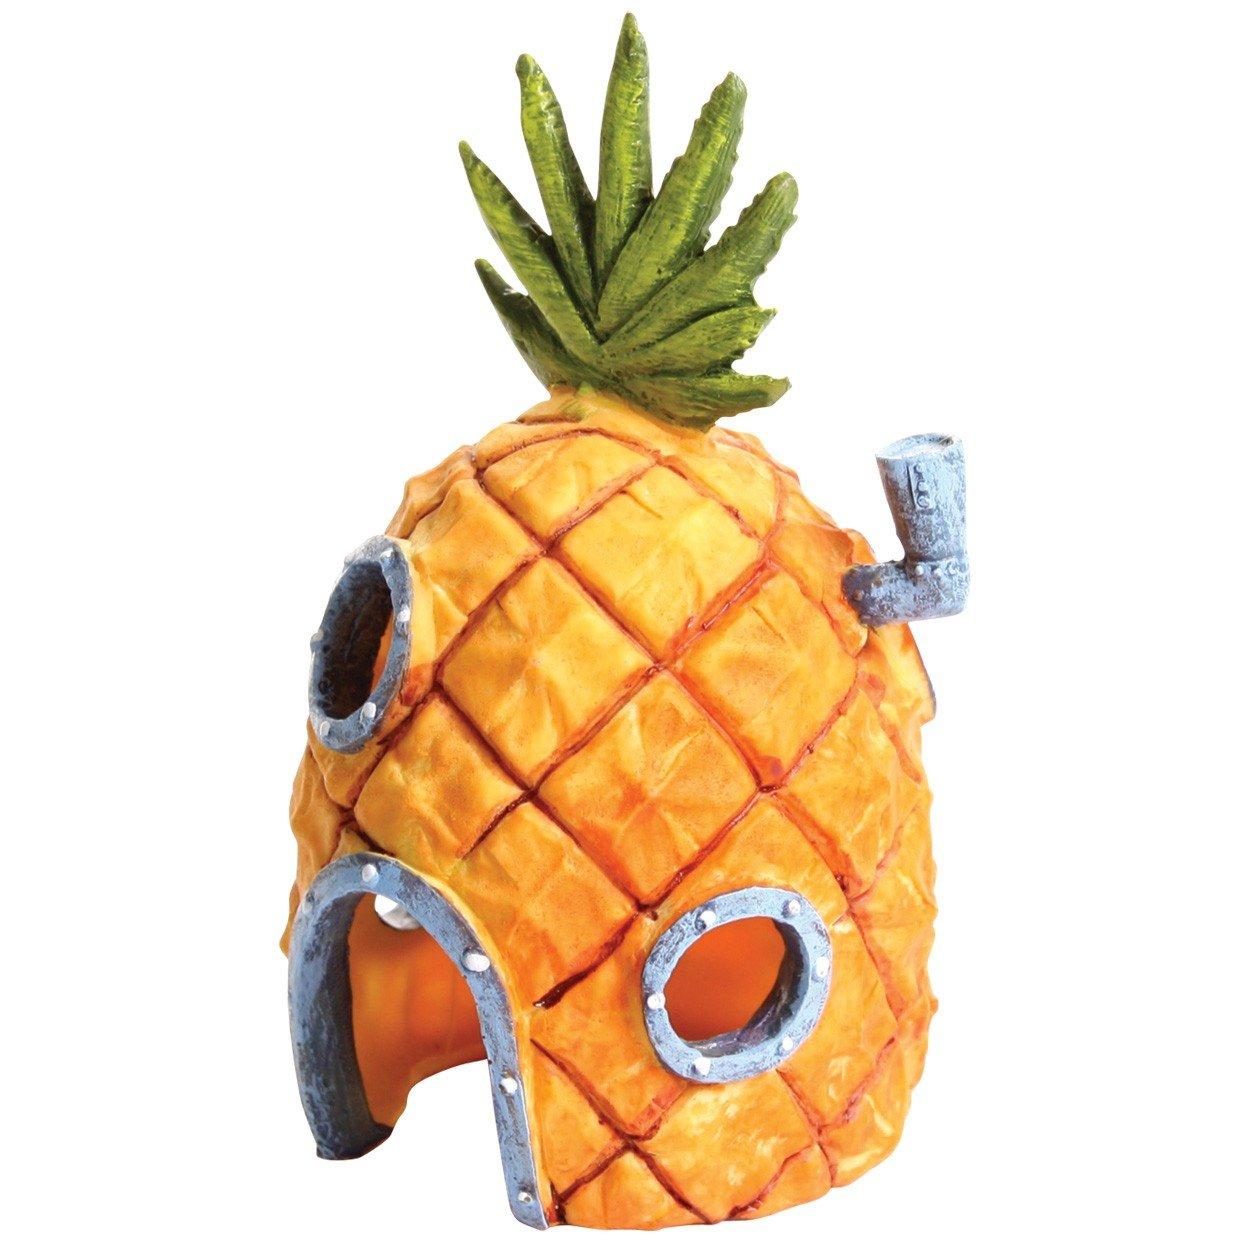 Spongebob squarepants kit de acuario con fondo de bikini